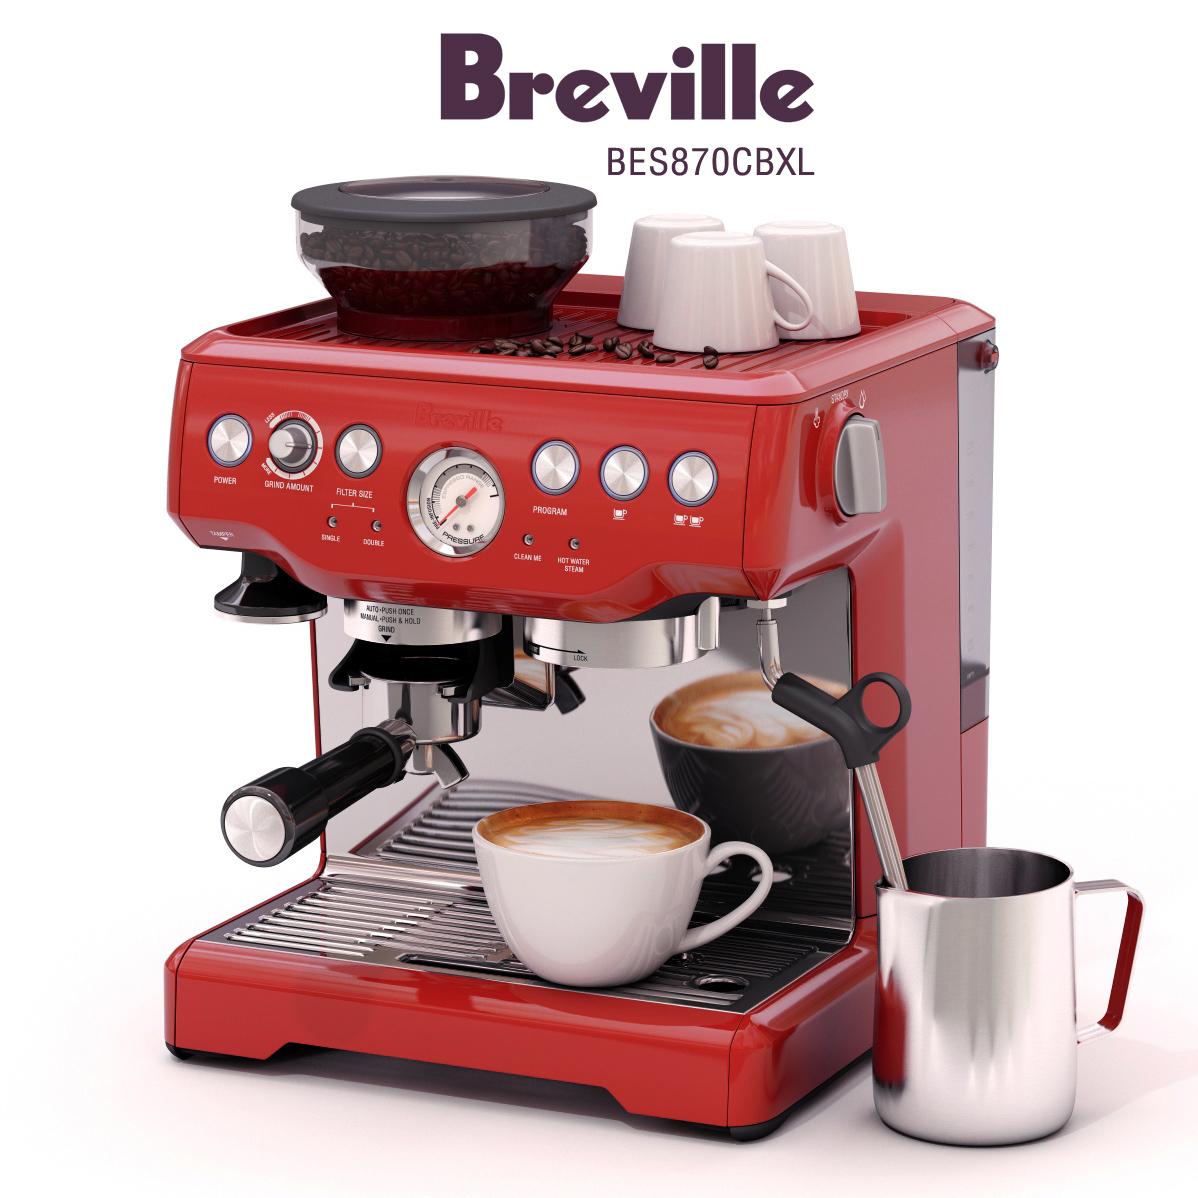 Breville Barista Express Bes870cbxl